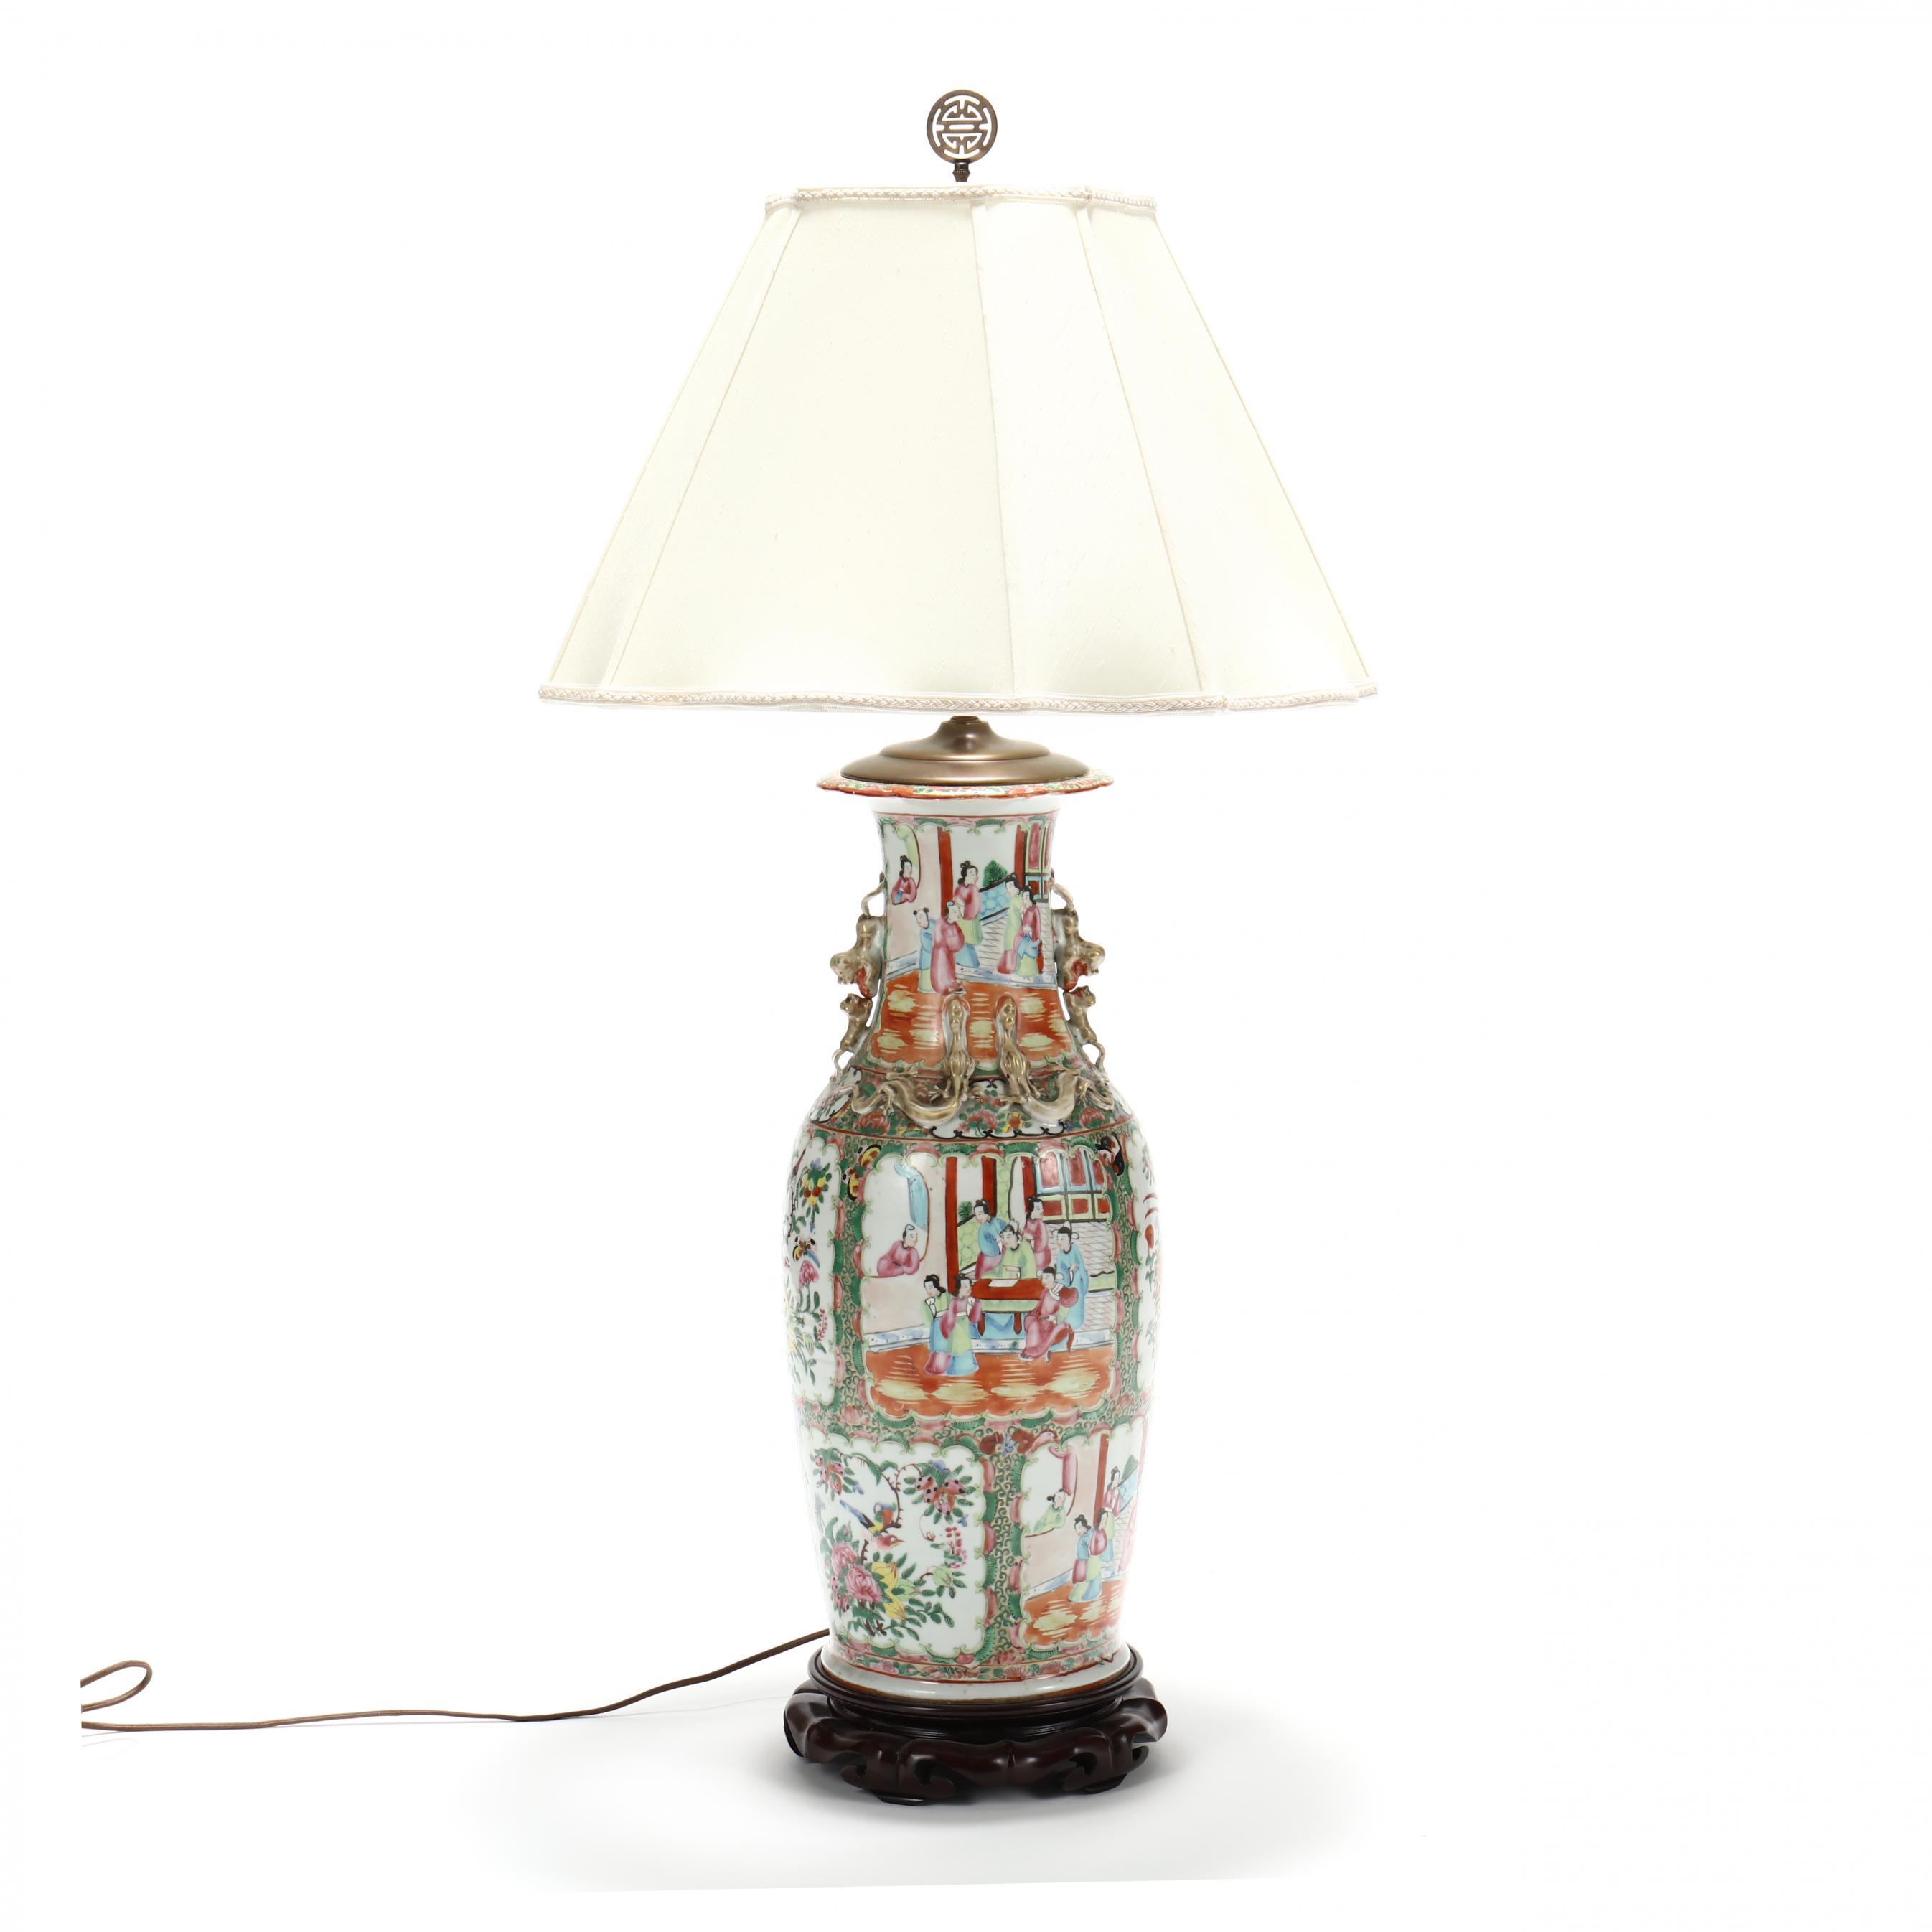 large-i-famille-rose-i-porcelain-table-lamp